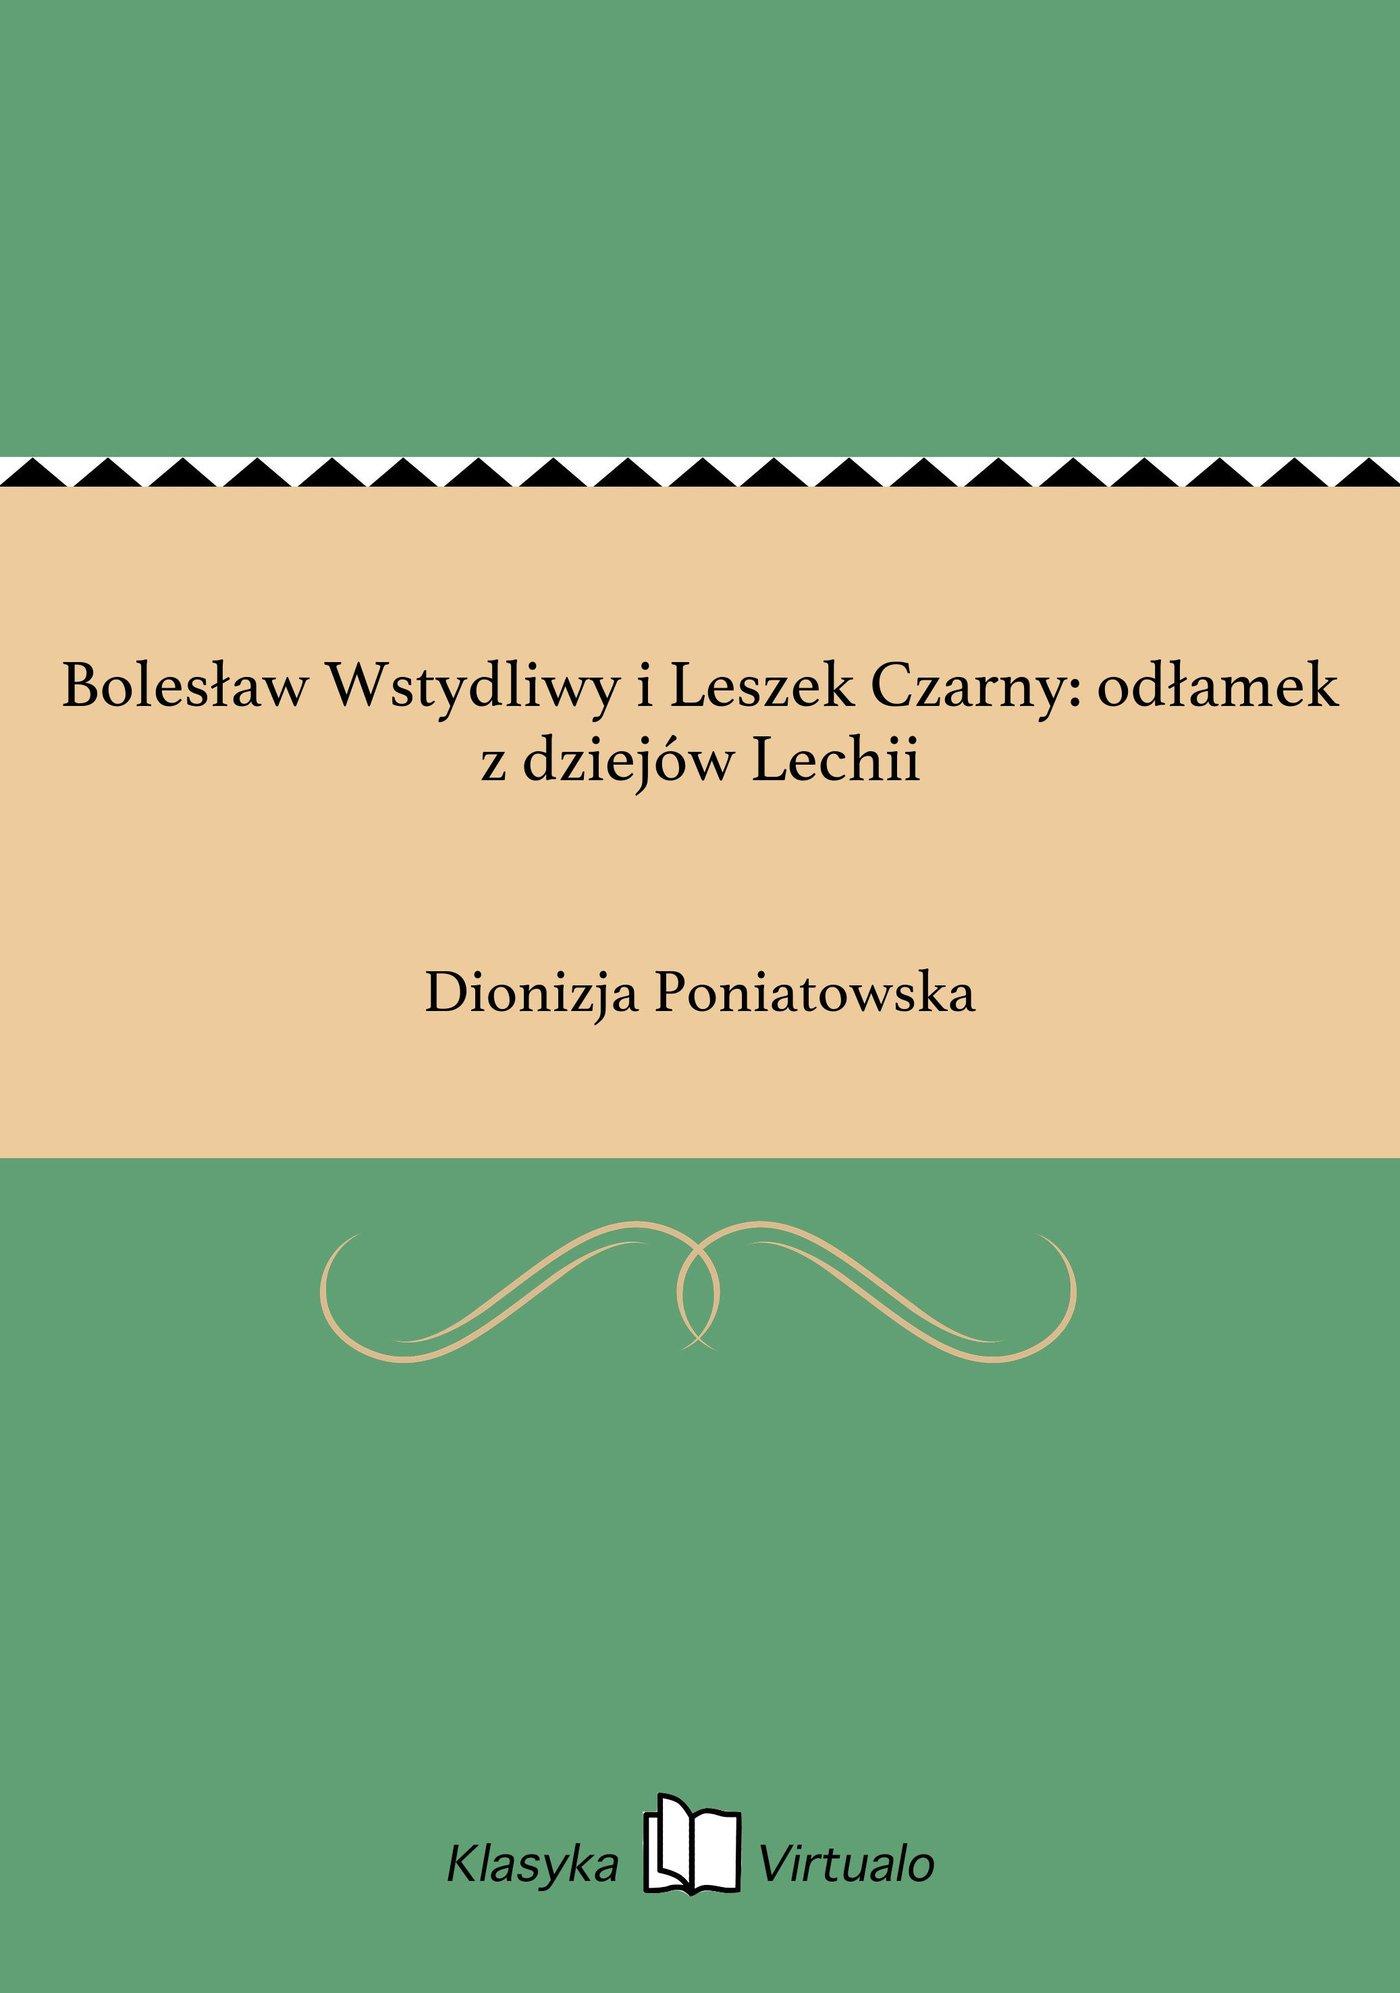 Bolesław Wstydliwy i Leszek Czarny: odłamek z dziejów Lechii - Ebook (Książka na Kindle) do pobrania w formacie MOBI